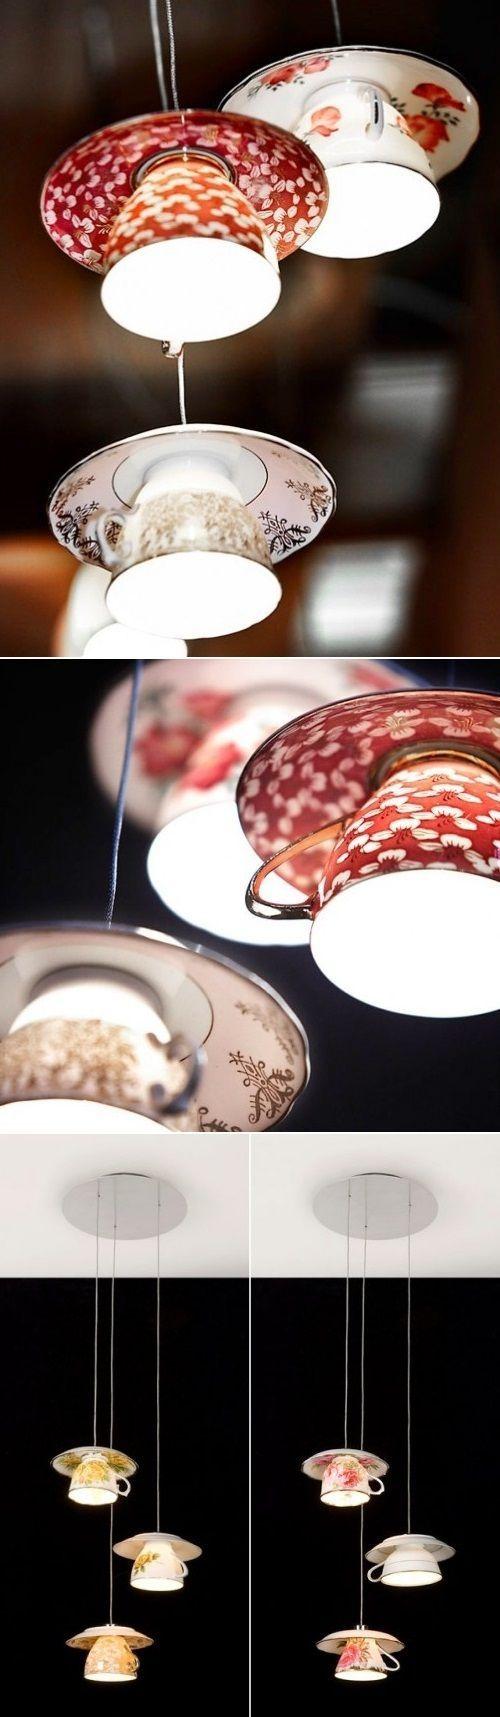 DIY Cozy Lamp ideas